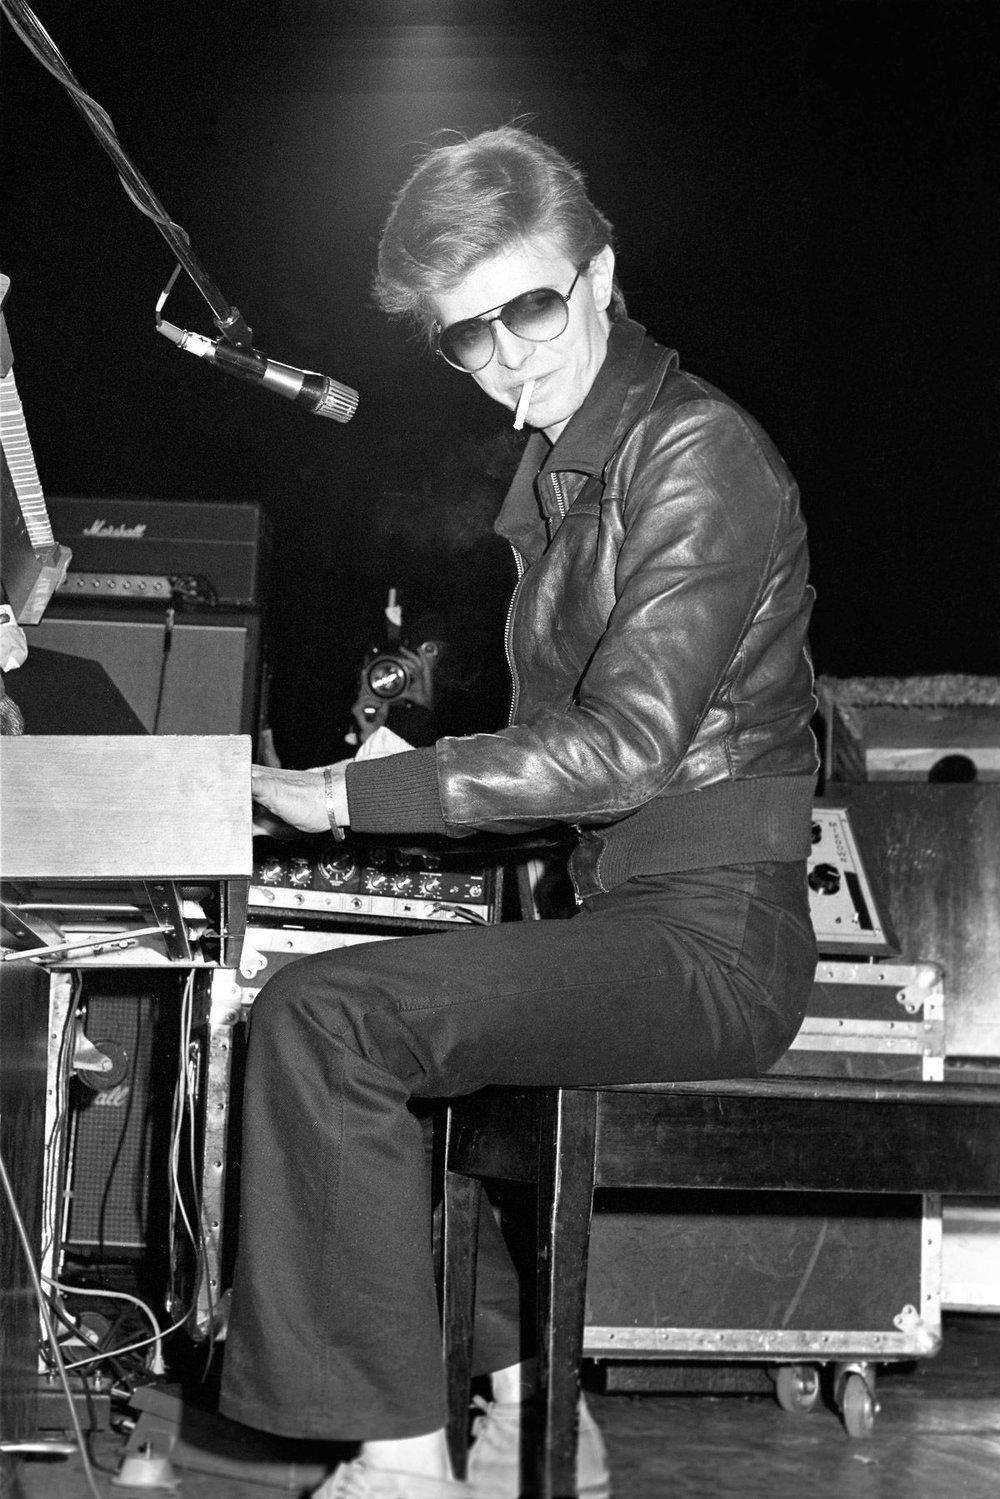 Jaqueta de couro David Bowie (foto) nem era um dos seus maiores usuários - na verdade Bowie vestia de tudo, mas também é impossível pensar em rock n'roll sem lembrar dela. Com certeza a alternativa mais recorrente entre os adeptos do gênero para os dias mais frios. E dá para discordar?